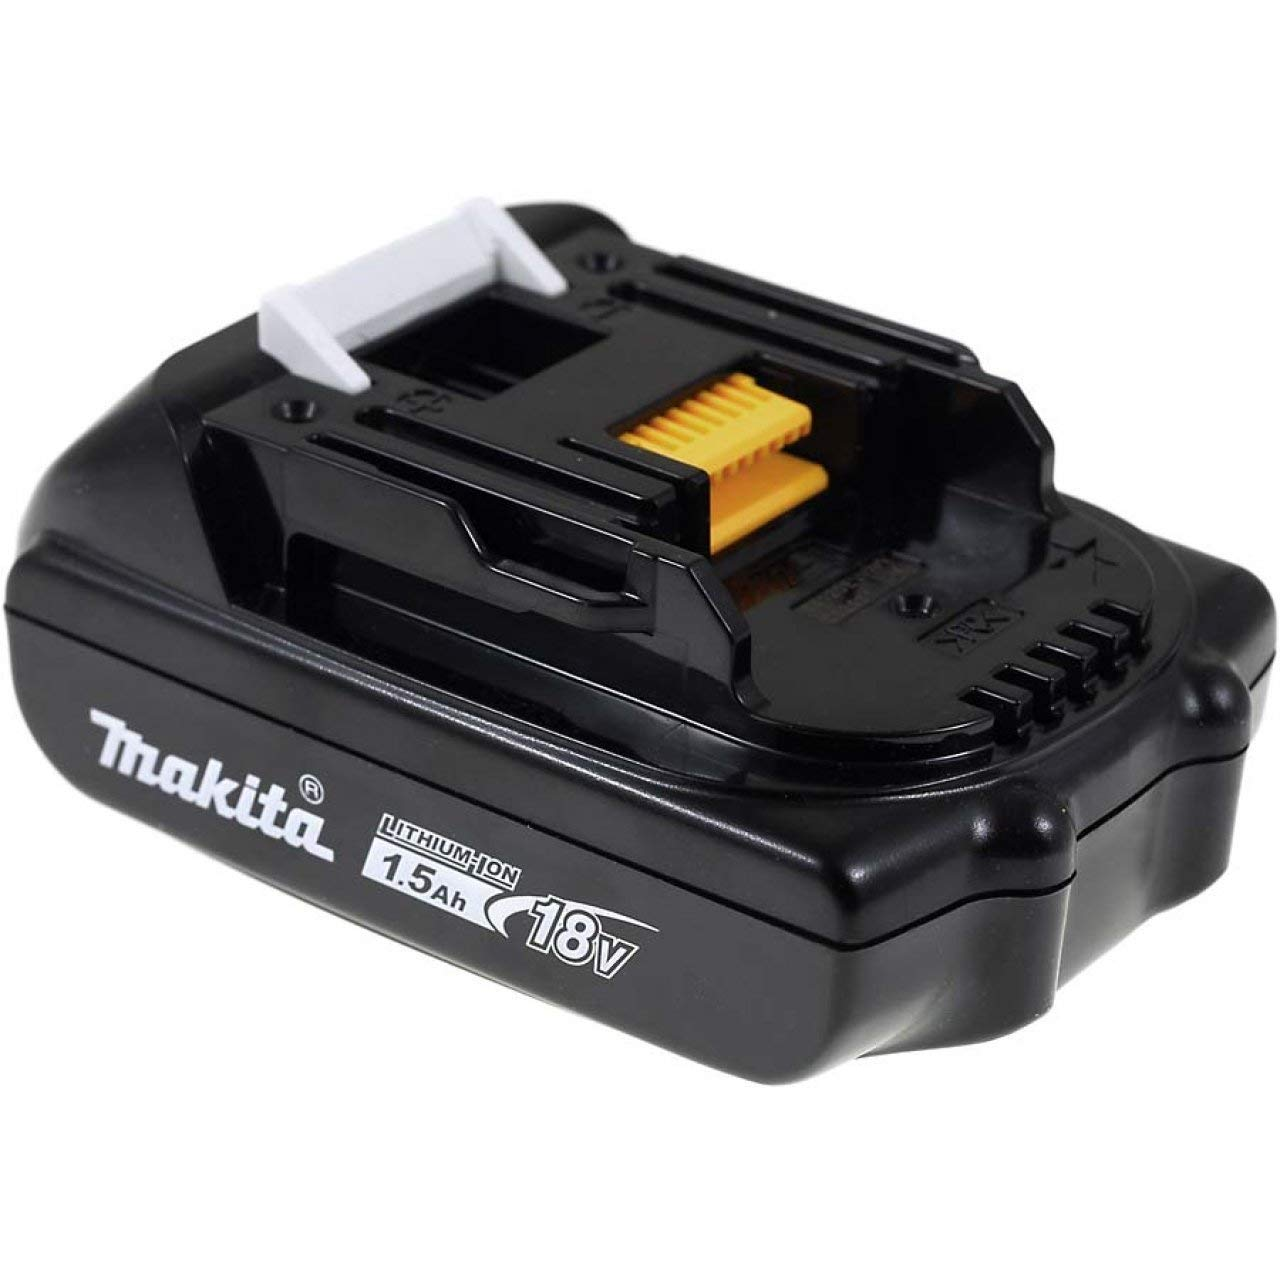 Batteria per Radio da cantiere Makita DMR108 Original